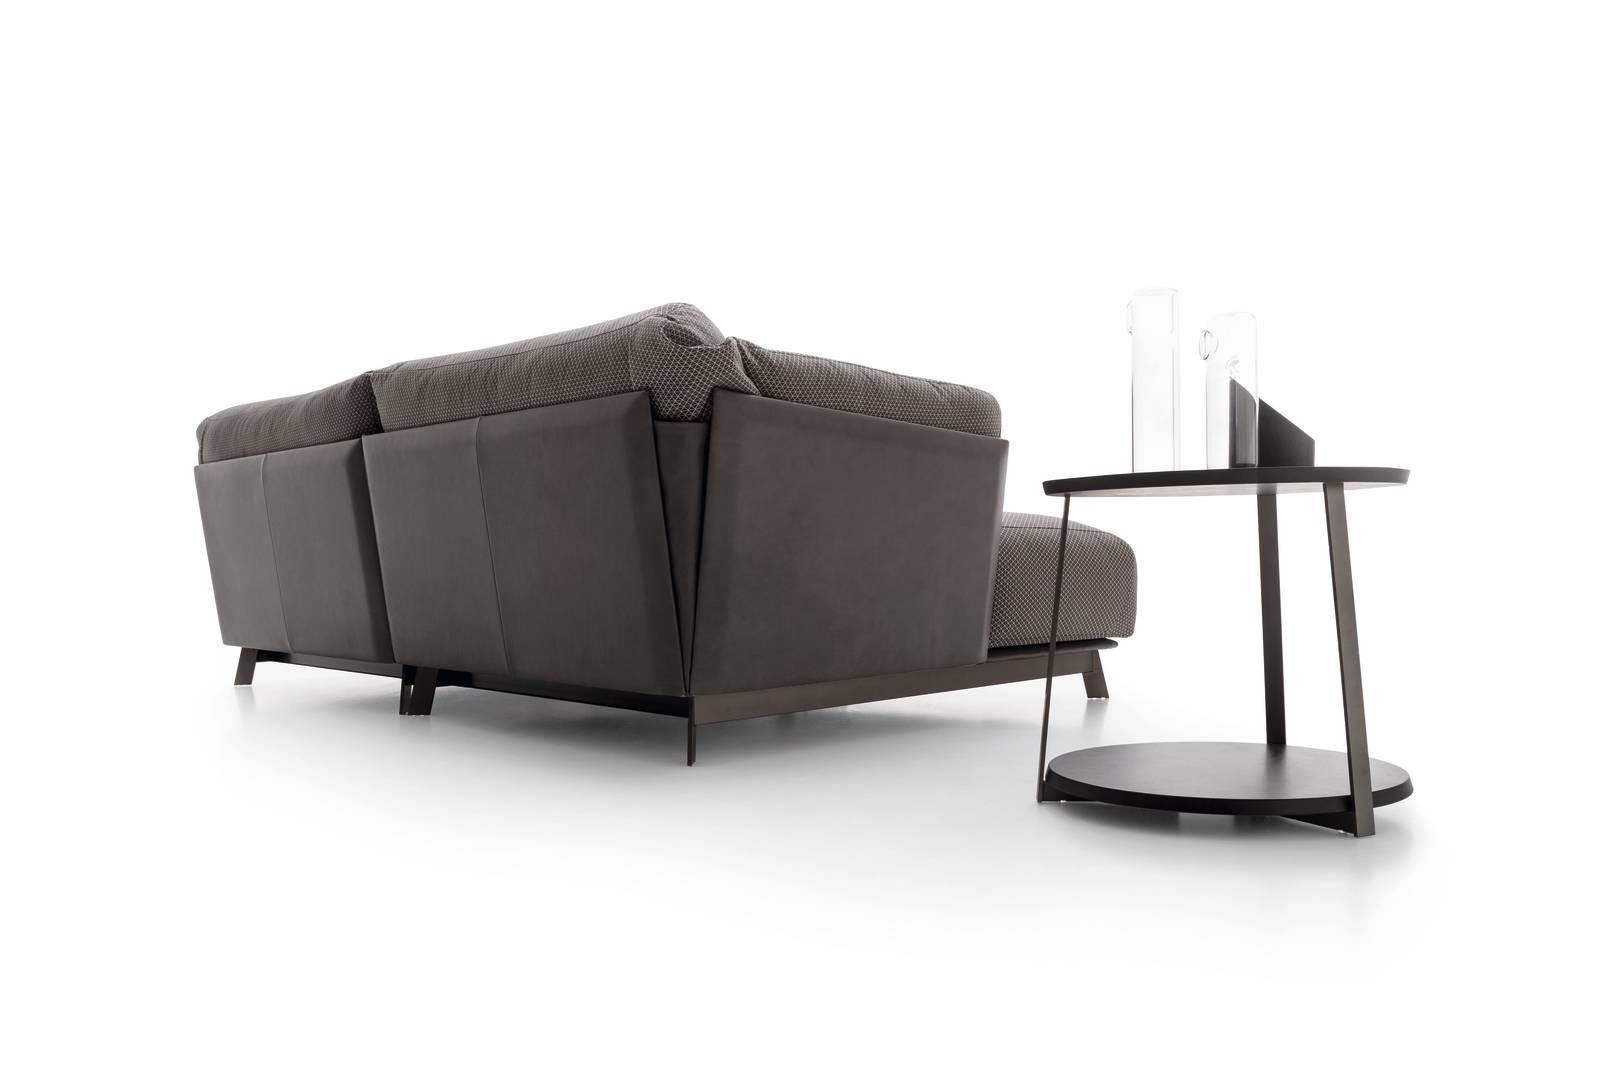 Divano kailua di ditre italia connubio perfetto tra design e